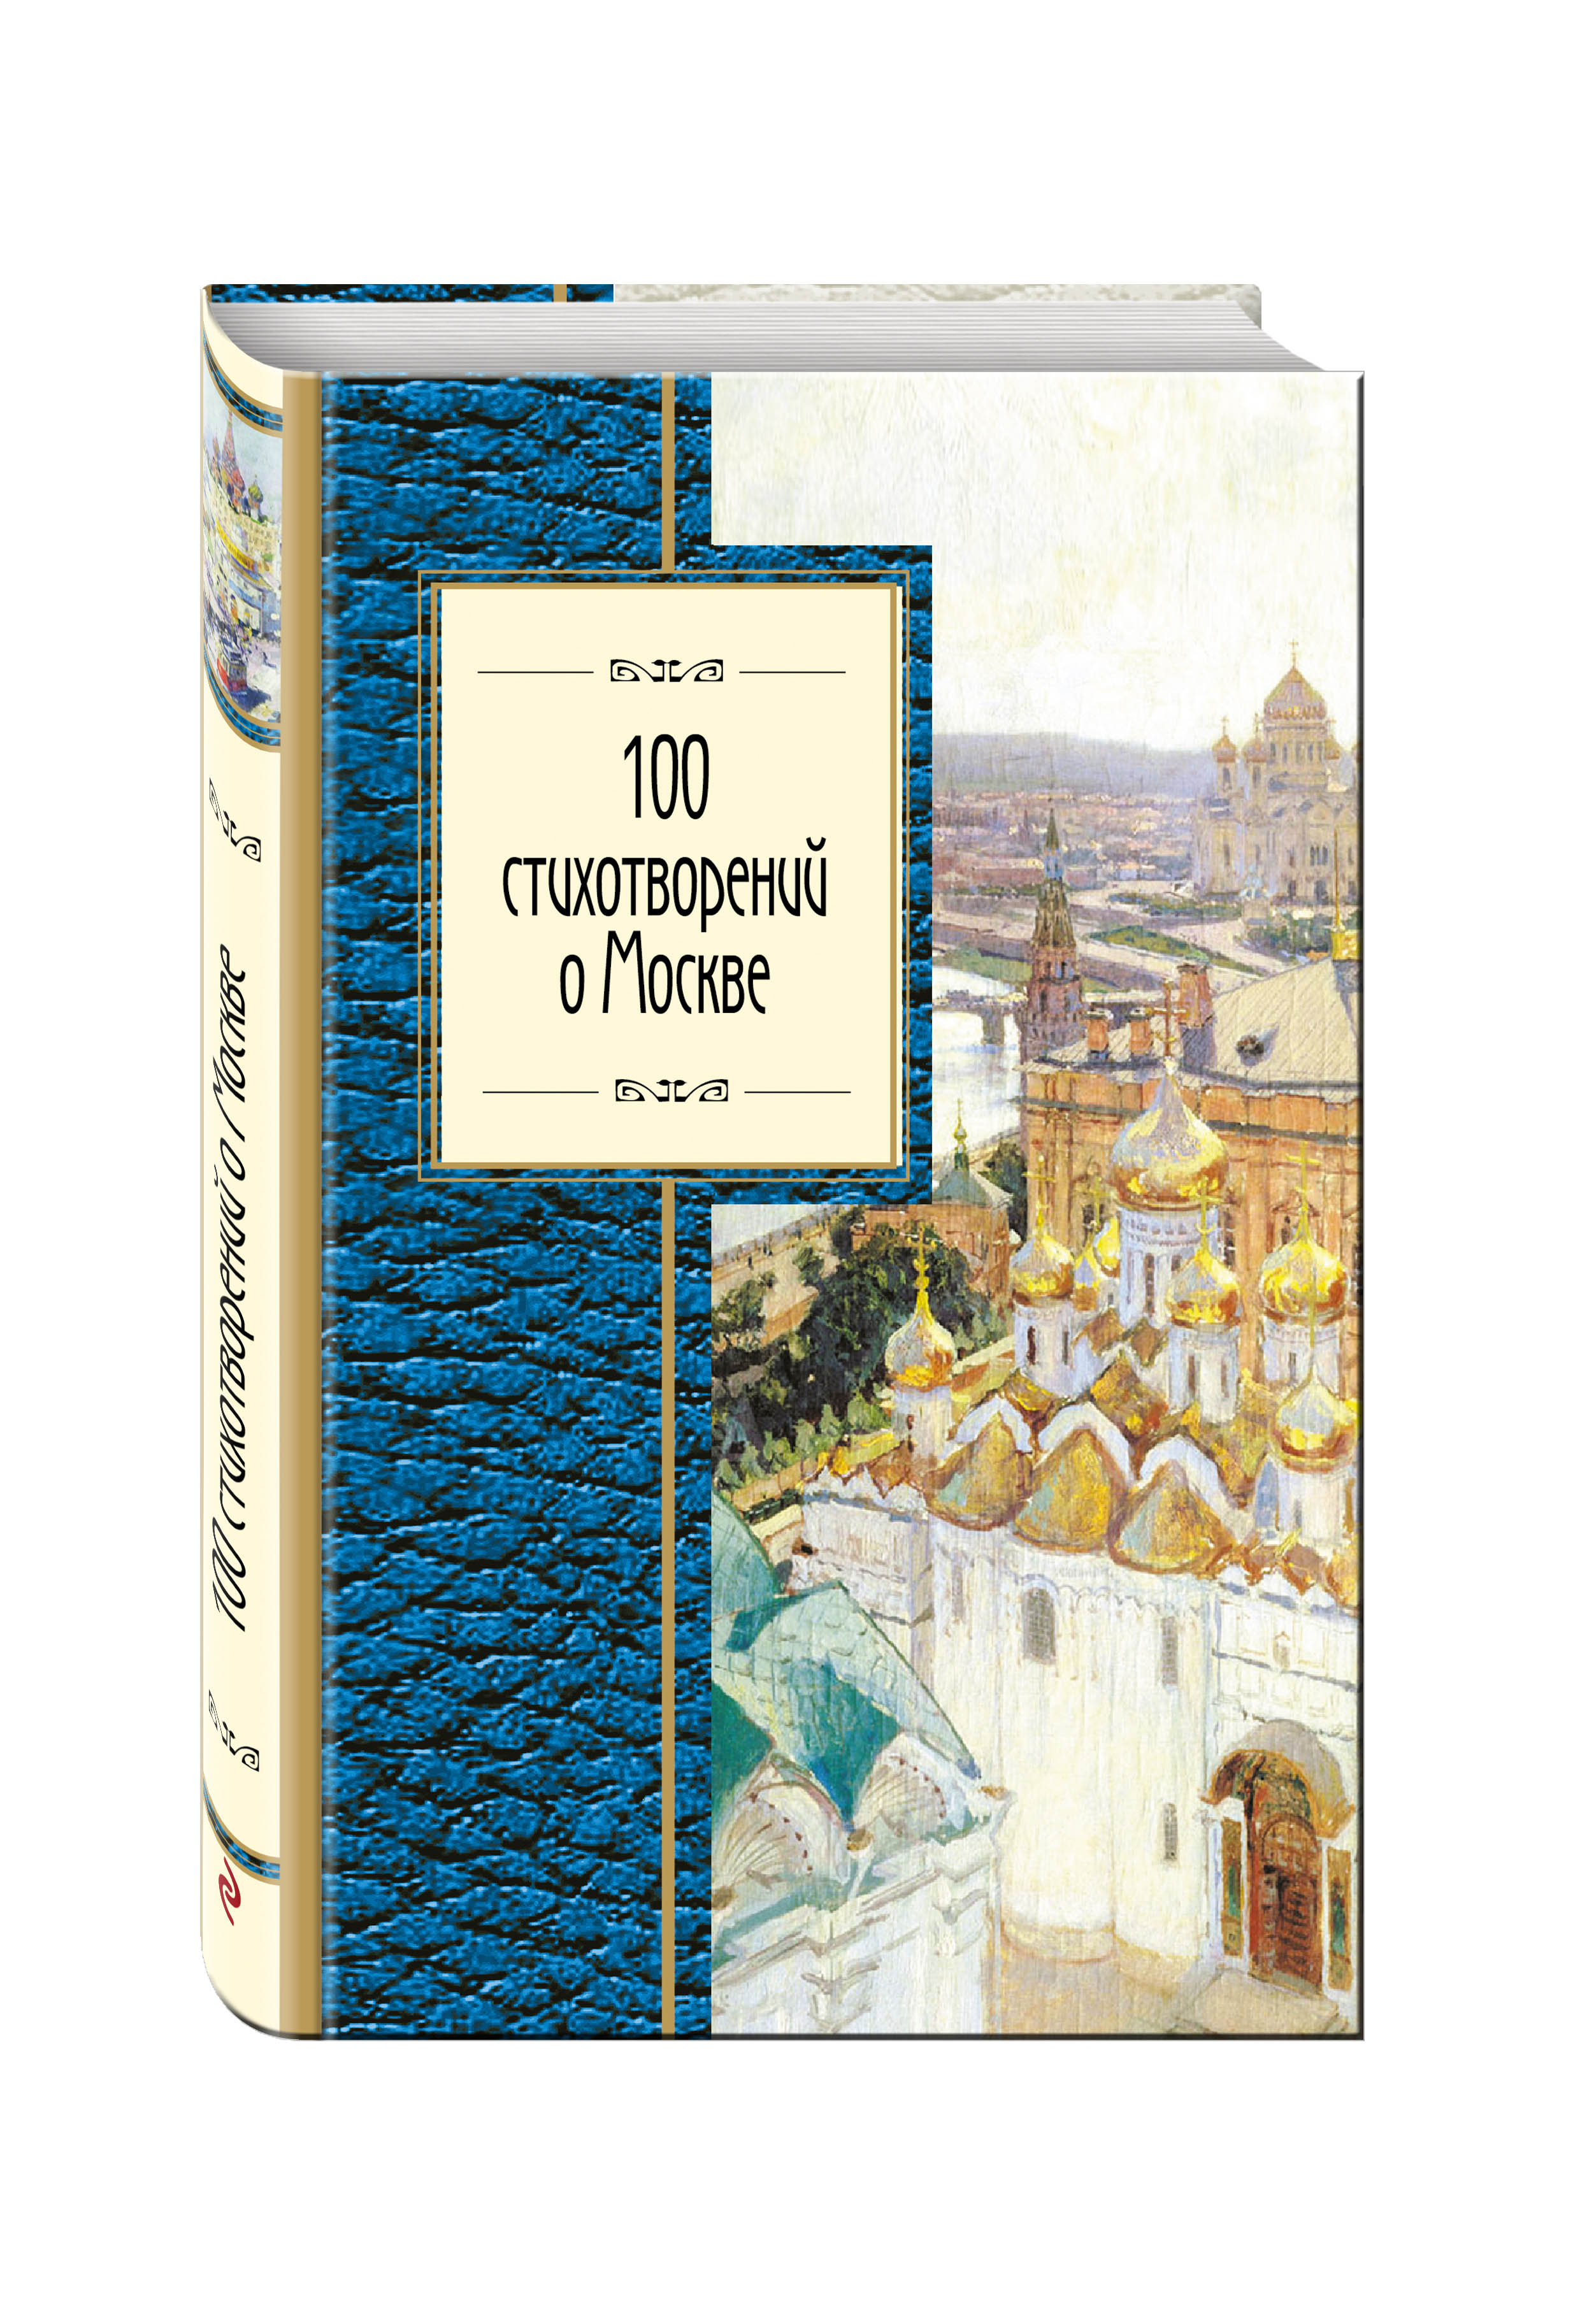 Окуджава Б.Ш., Пушкин А.С., Ахматова А.А. и др. 100 стихотворений о Москве союз который мы потеряли